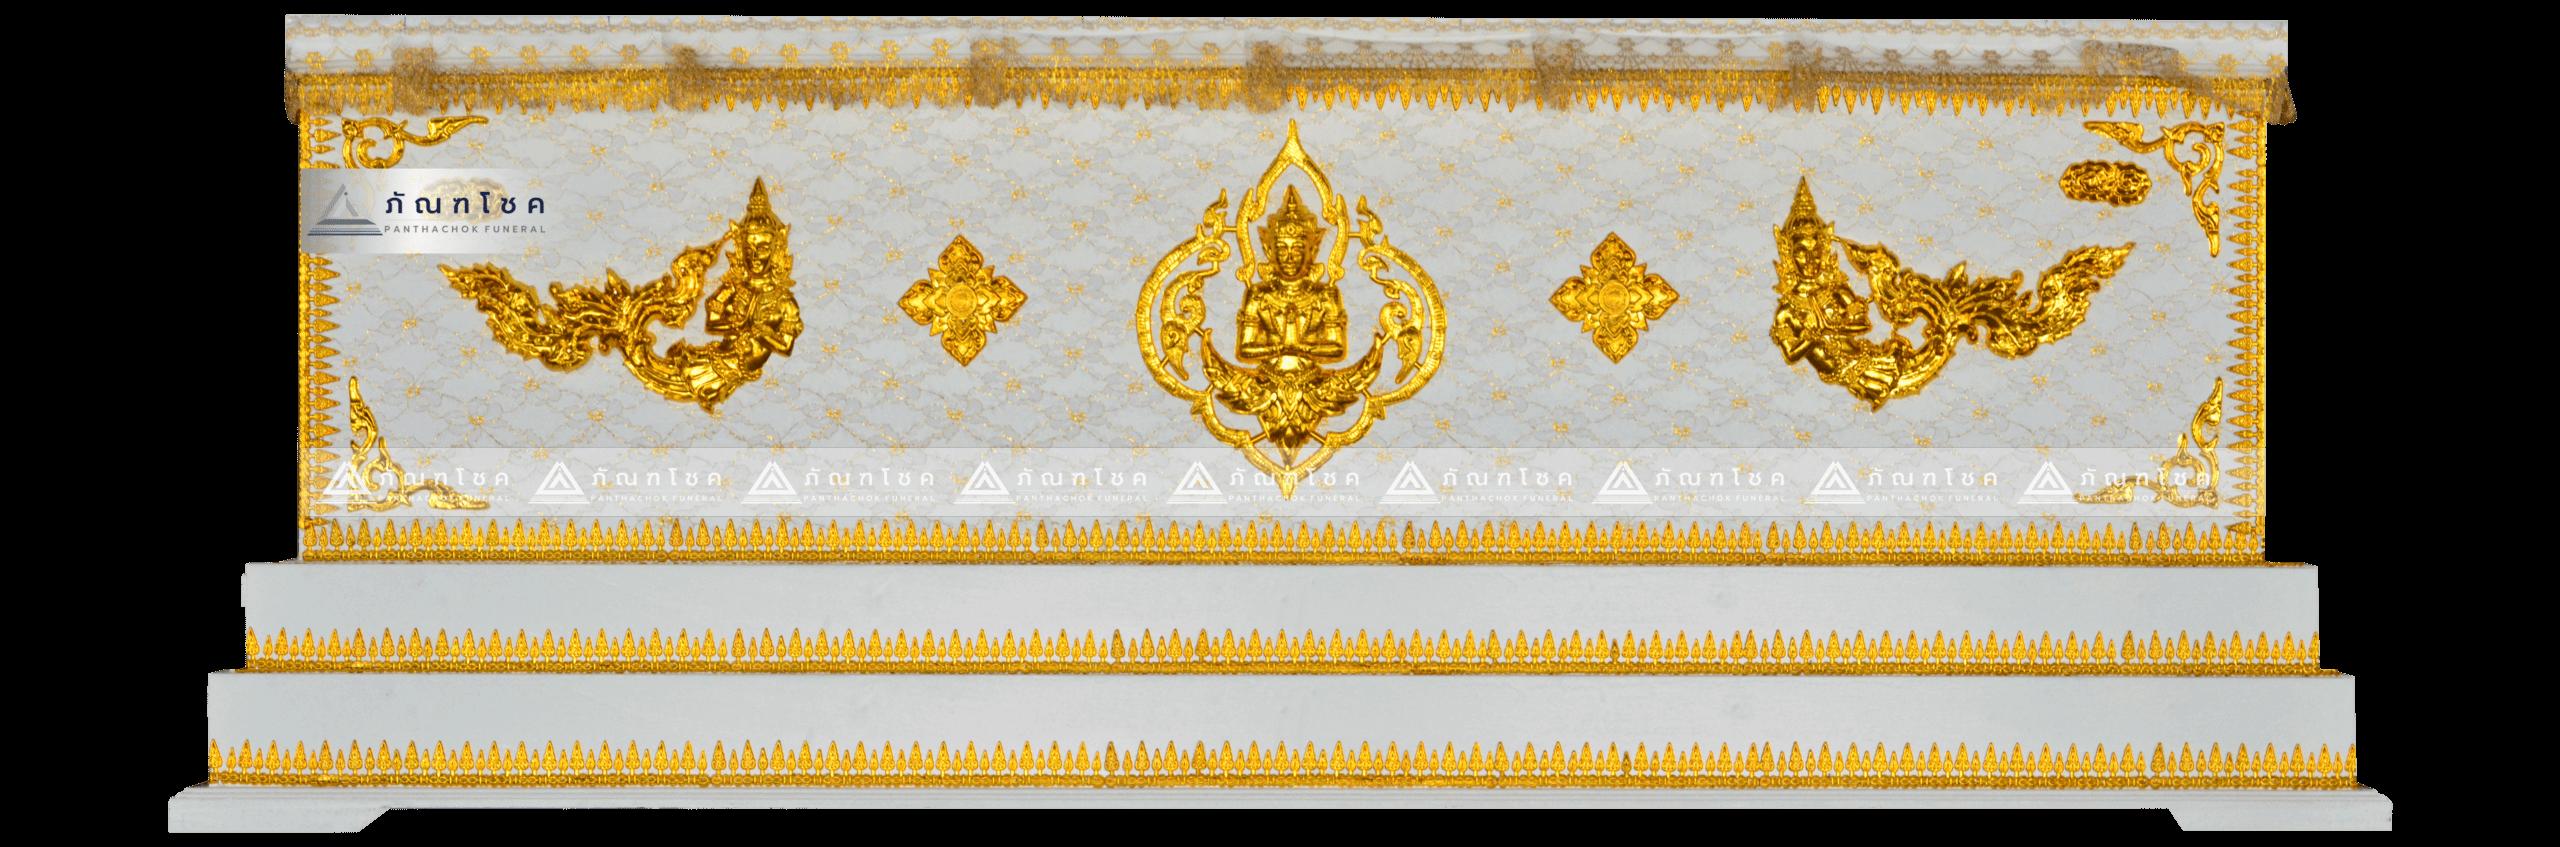 โลงเทพพนม สีขาว-ทอง